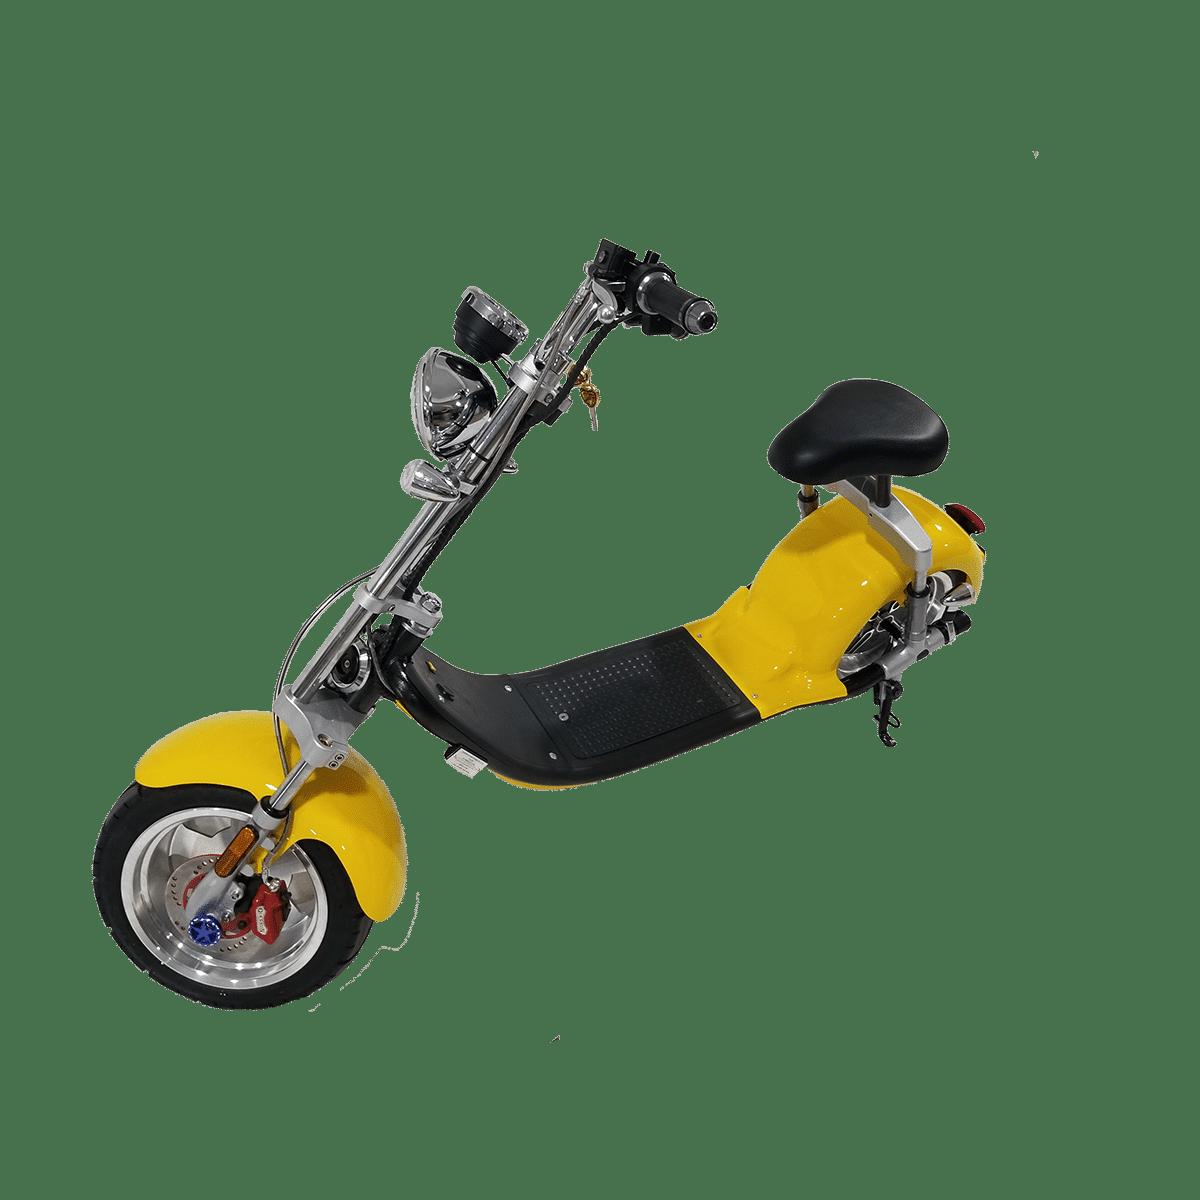 Citycoco Harley Deluxe Jaune 1190€ 7